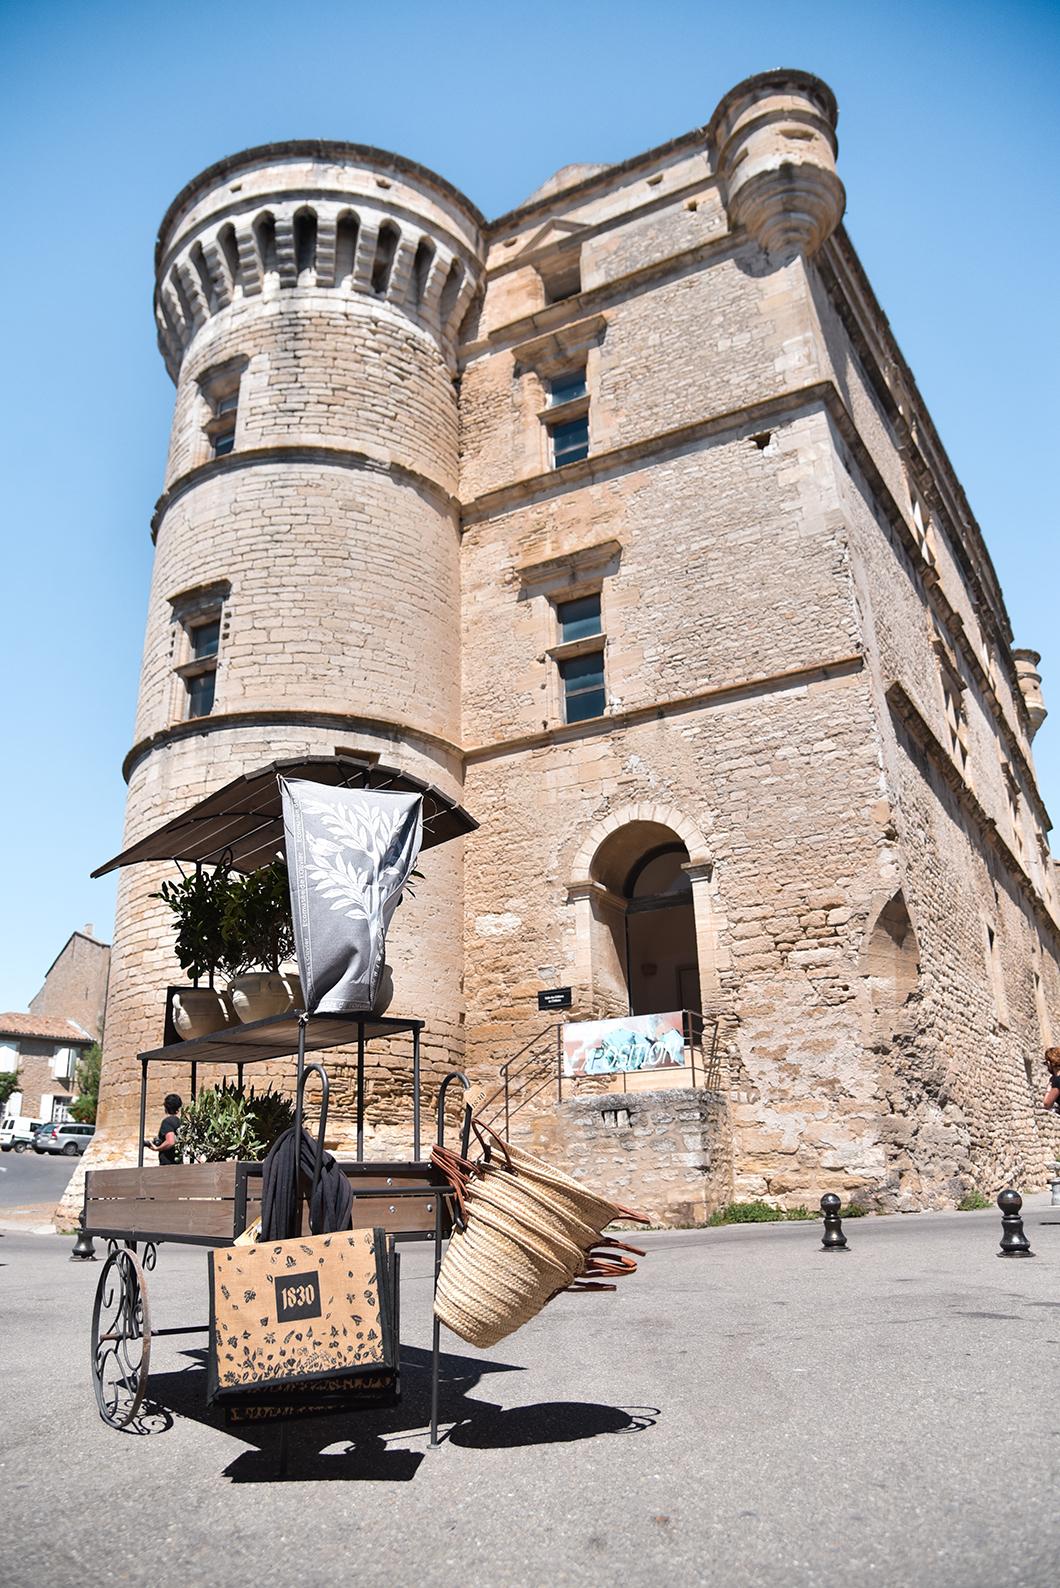 Découvrir le Château de Gordes, incontournable à visiter à Gordes